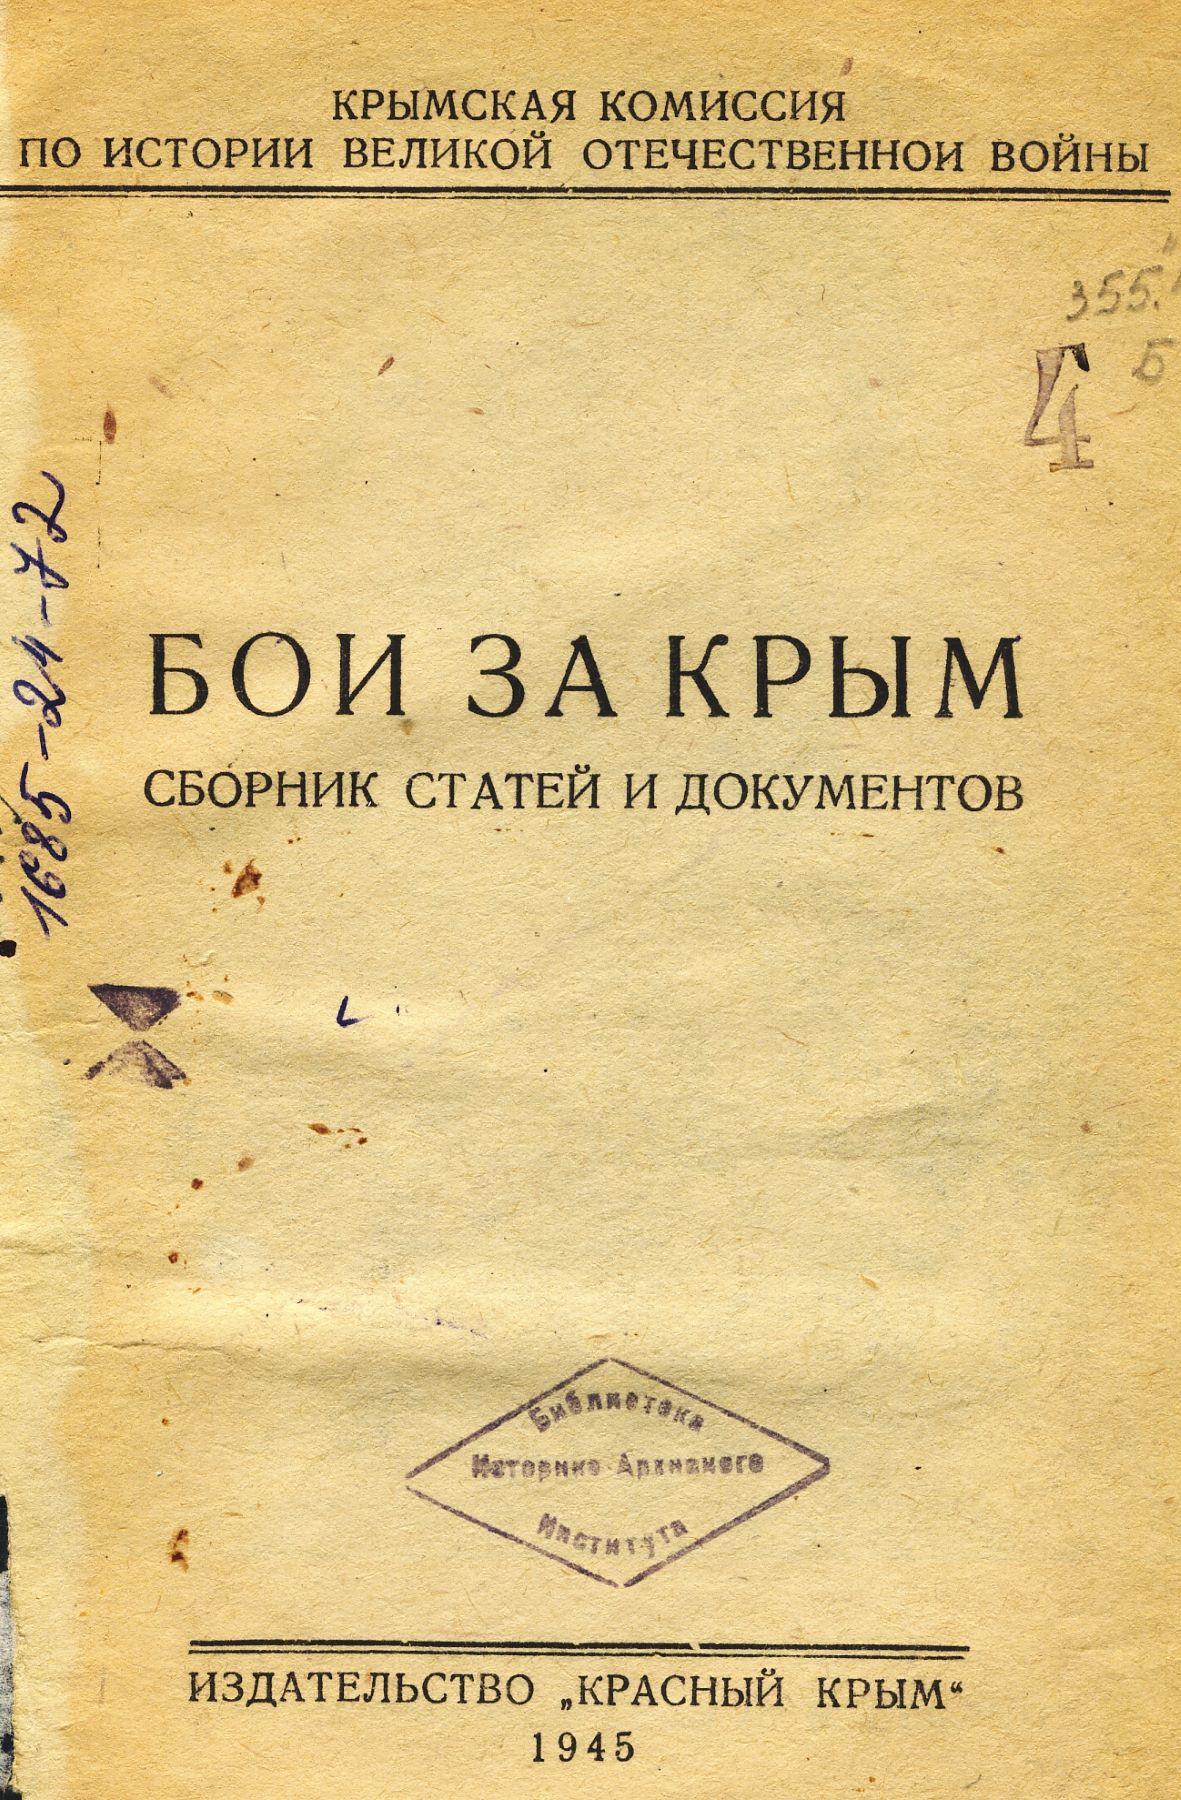 Сборник статей и документов, подготовленный Крымской комиссией по истории Великой Отечественной войны. Опубликован в Симферополе в 1945 году